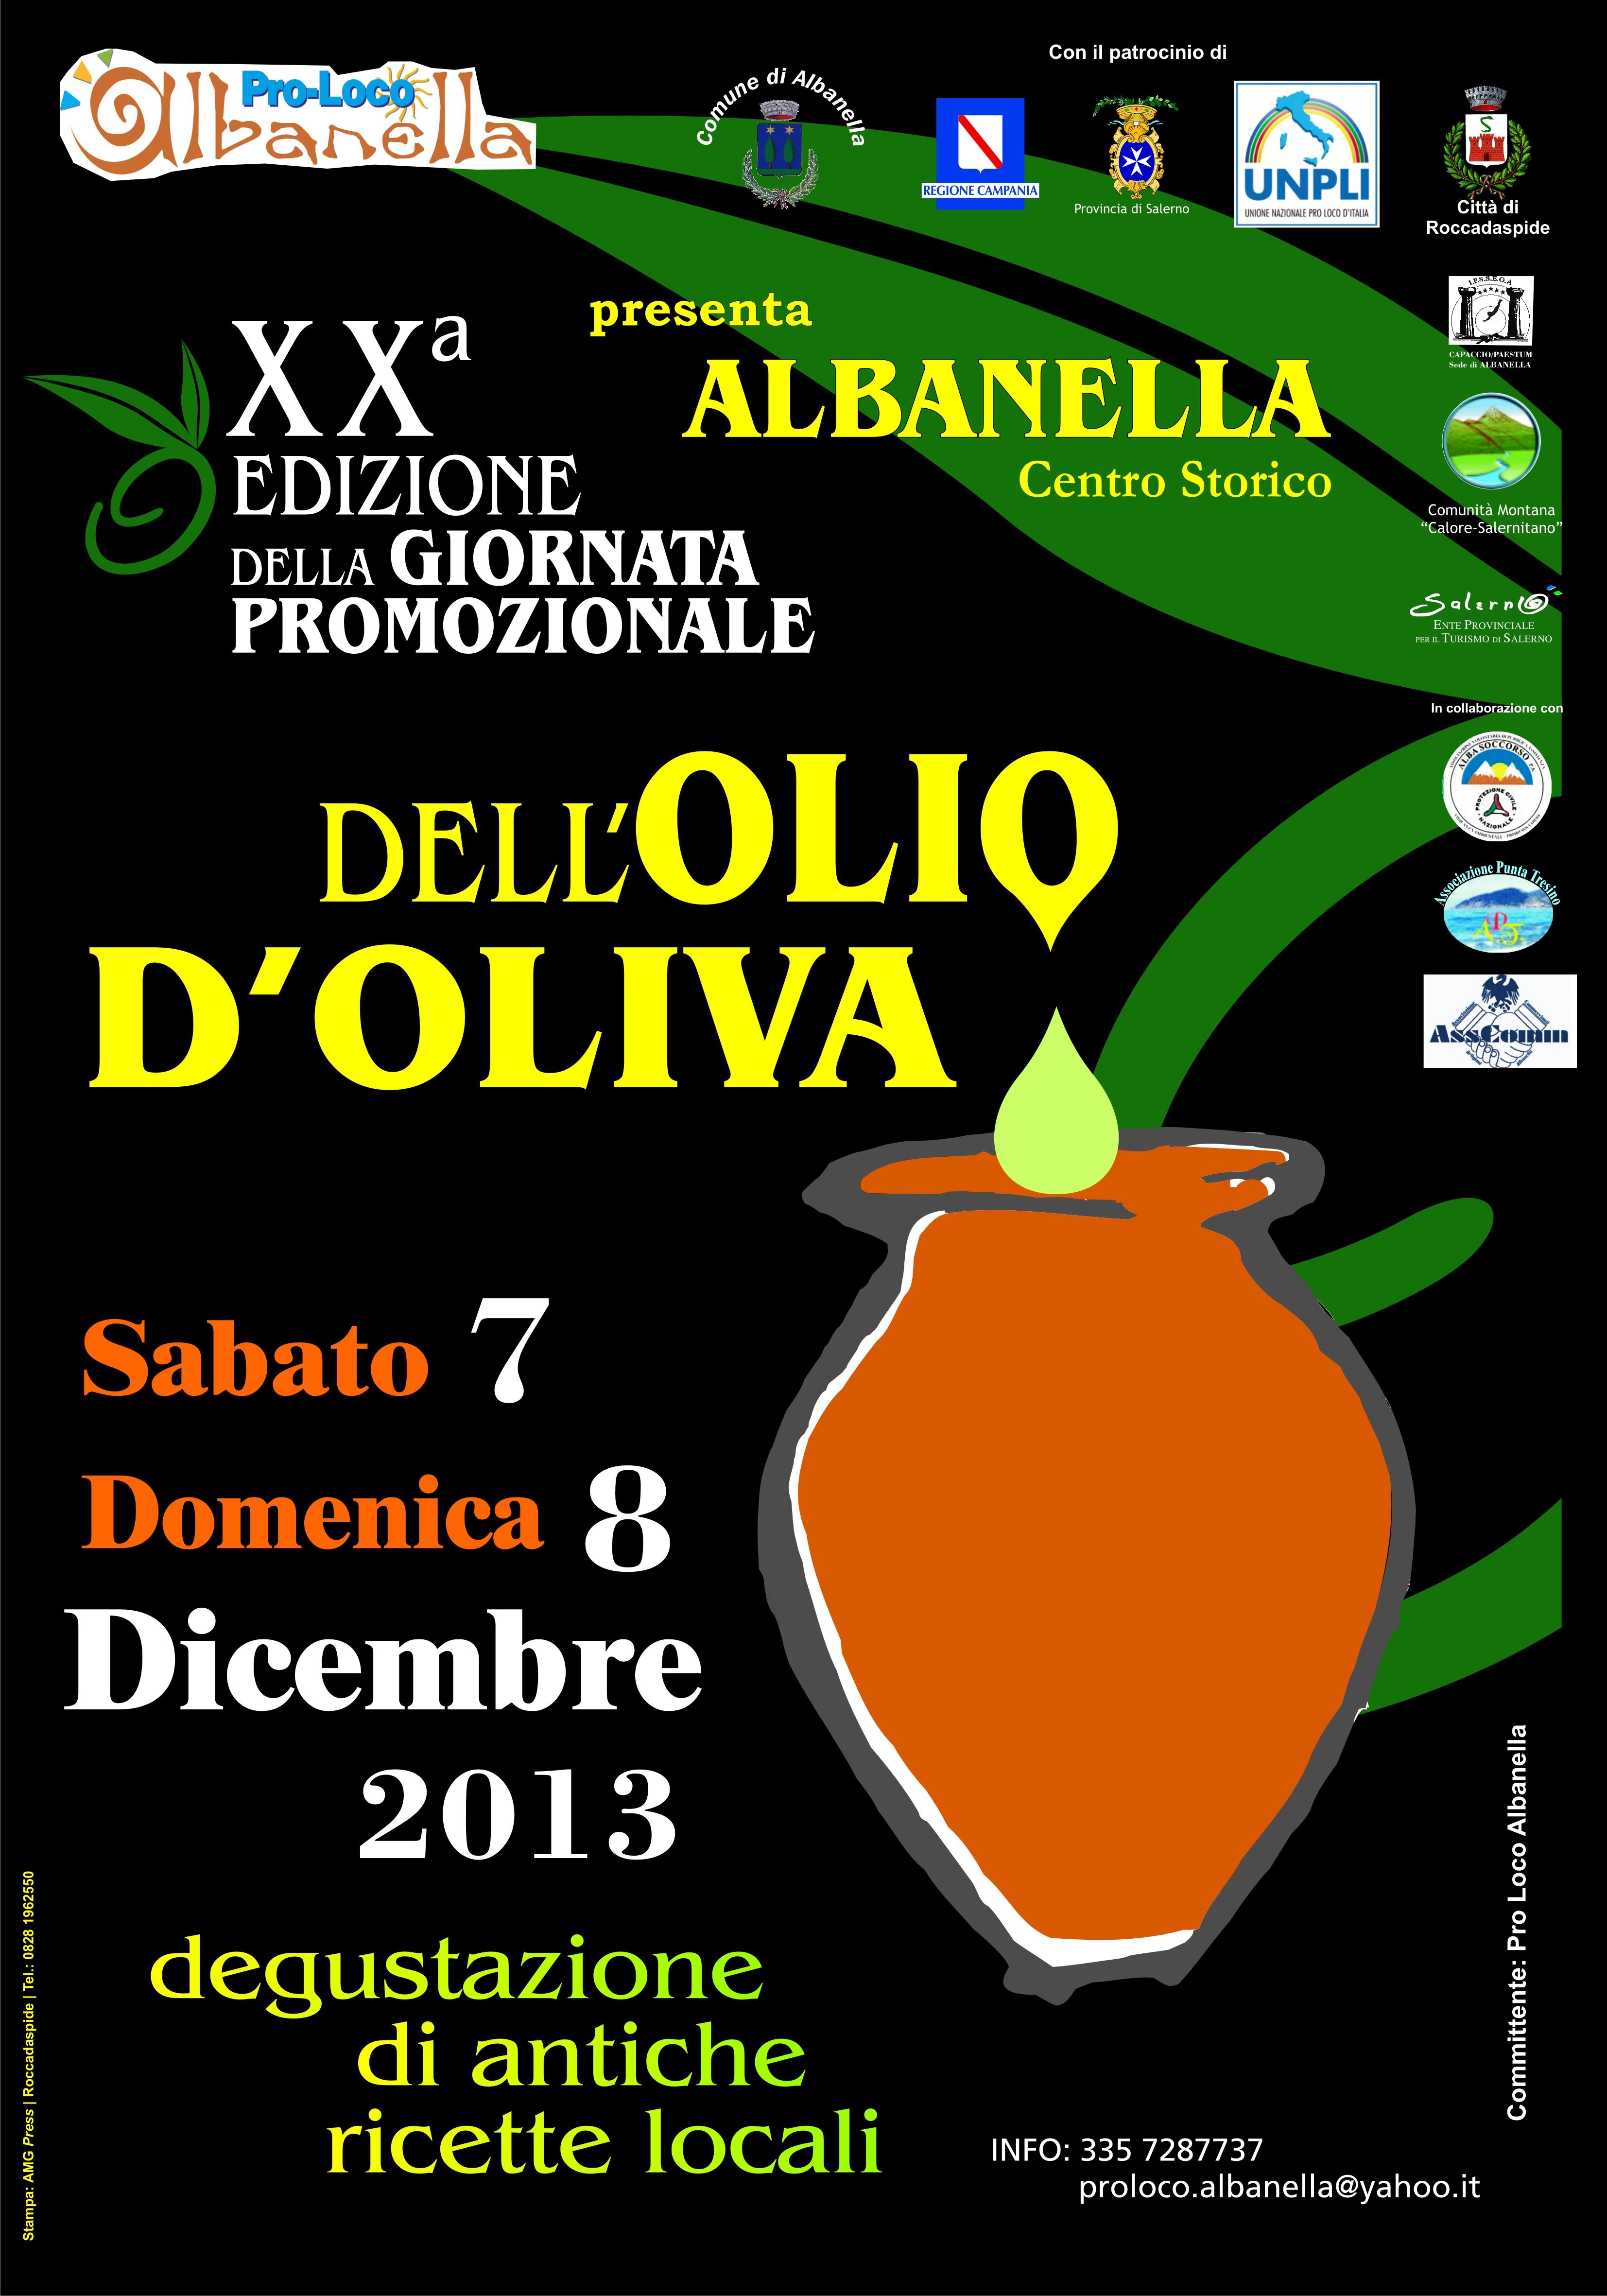 Giornata promozionale dell'olio d'oliva, il 7 e 8 dicembre 2013 ad Albanella (Sa) thumbnail